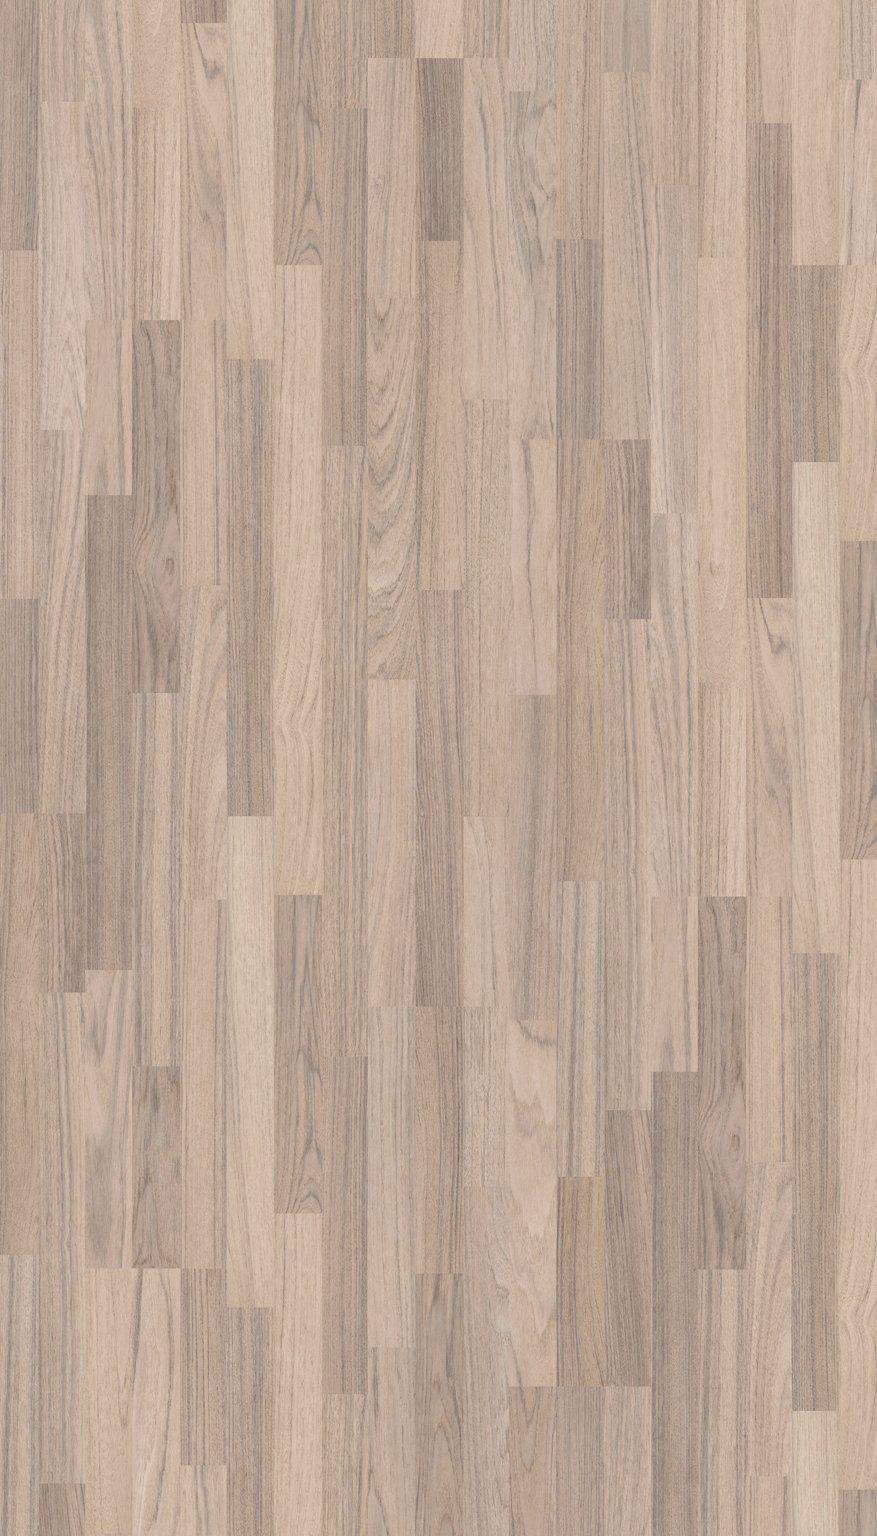 PARADOR Laminat »Classic 1050 - Ocean Teak«, 1285 x 194 mm, Stärke: 8 mm